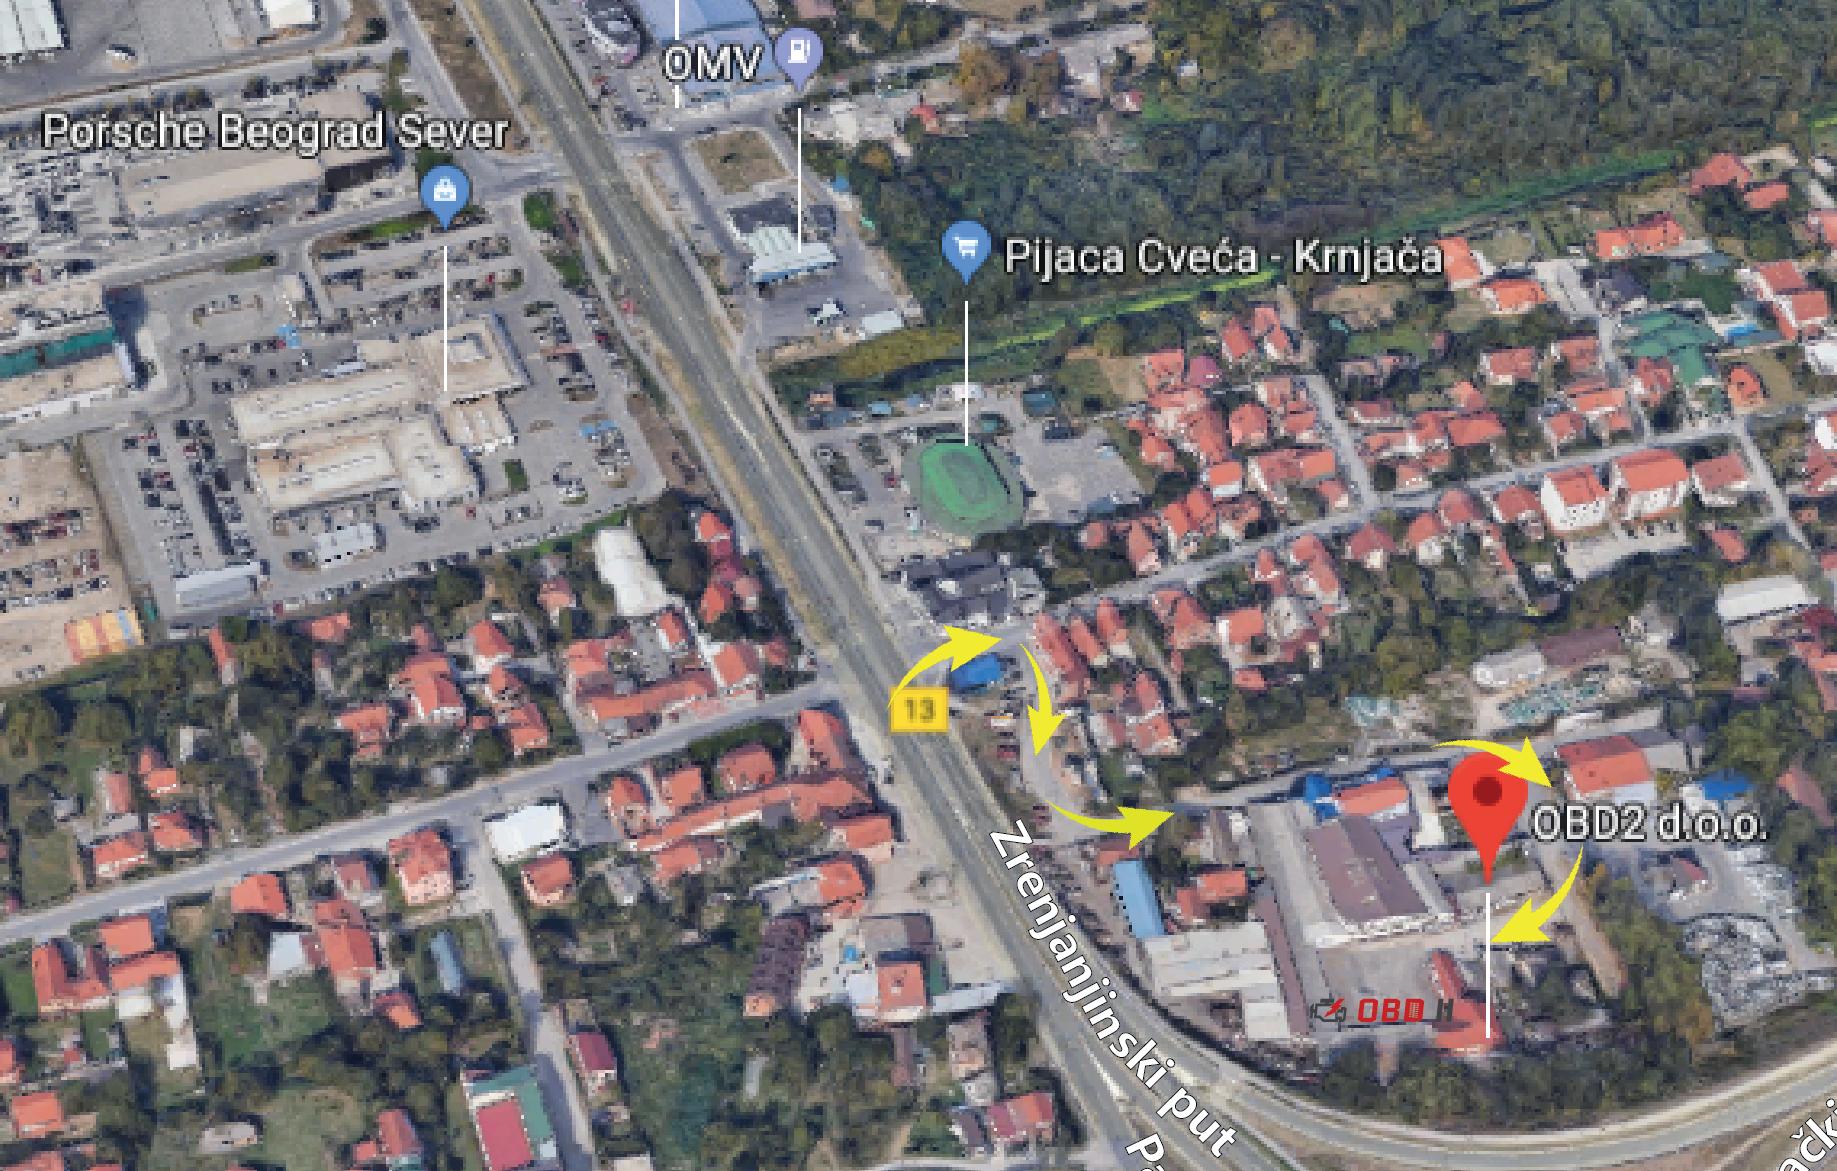 OBD2 d.o.o. Beograd